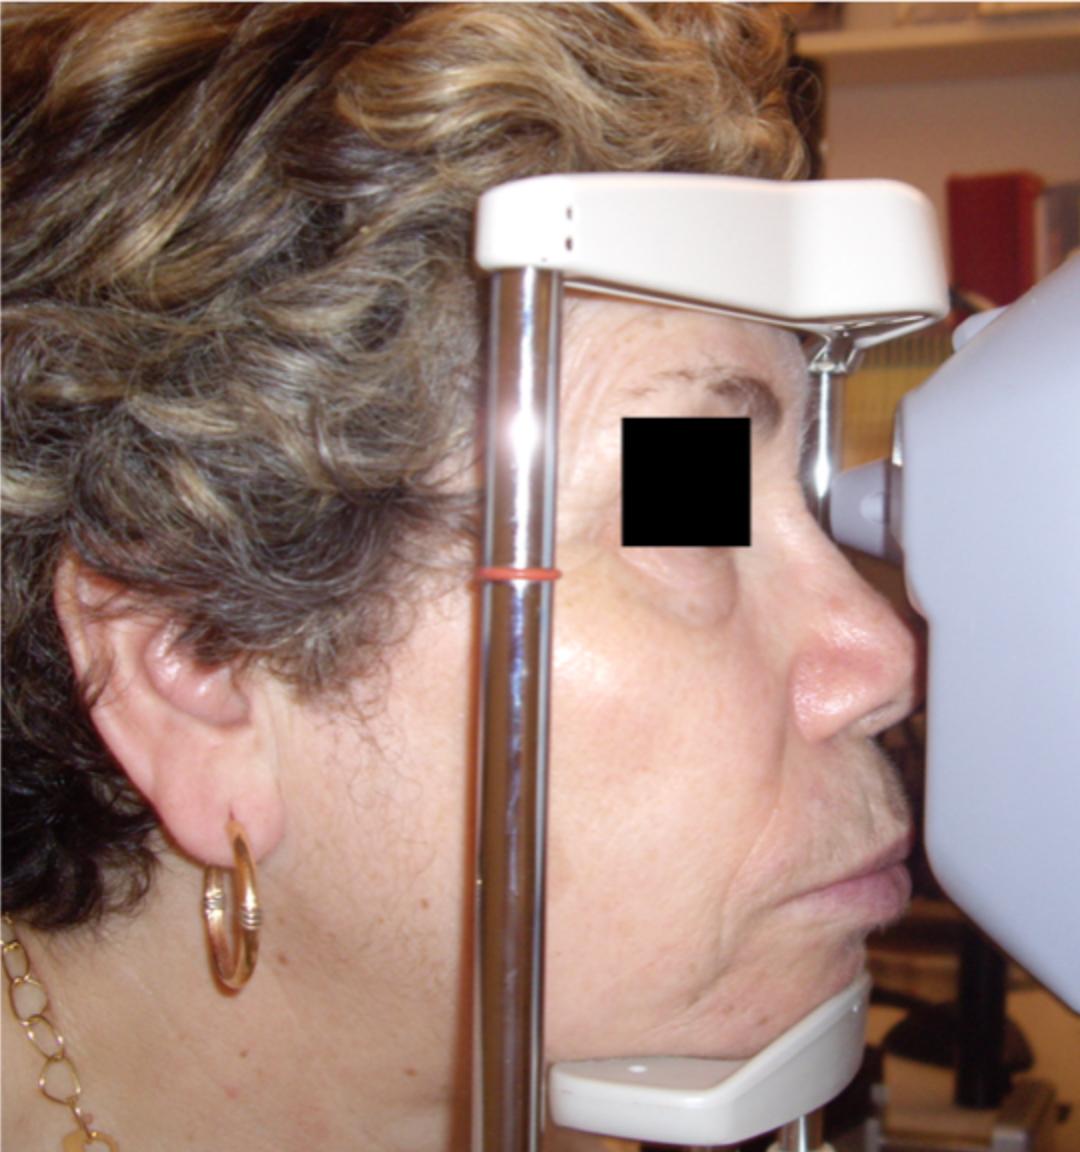 Mesure de la pression intra-oculaire